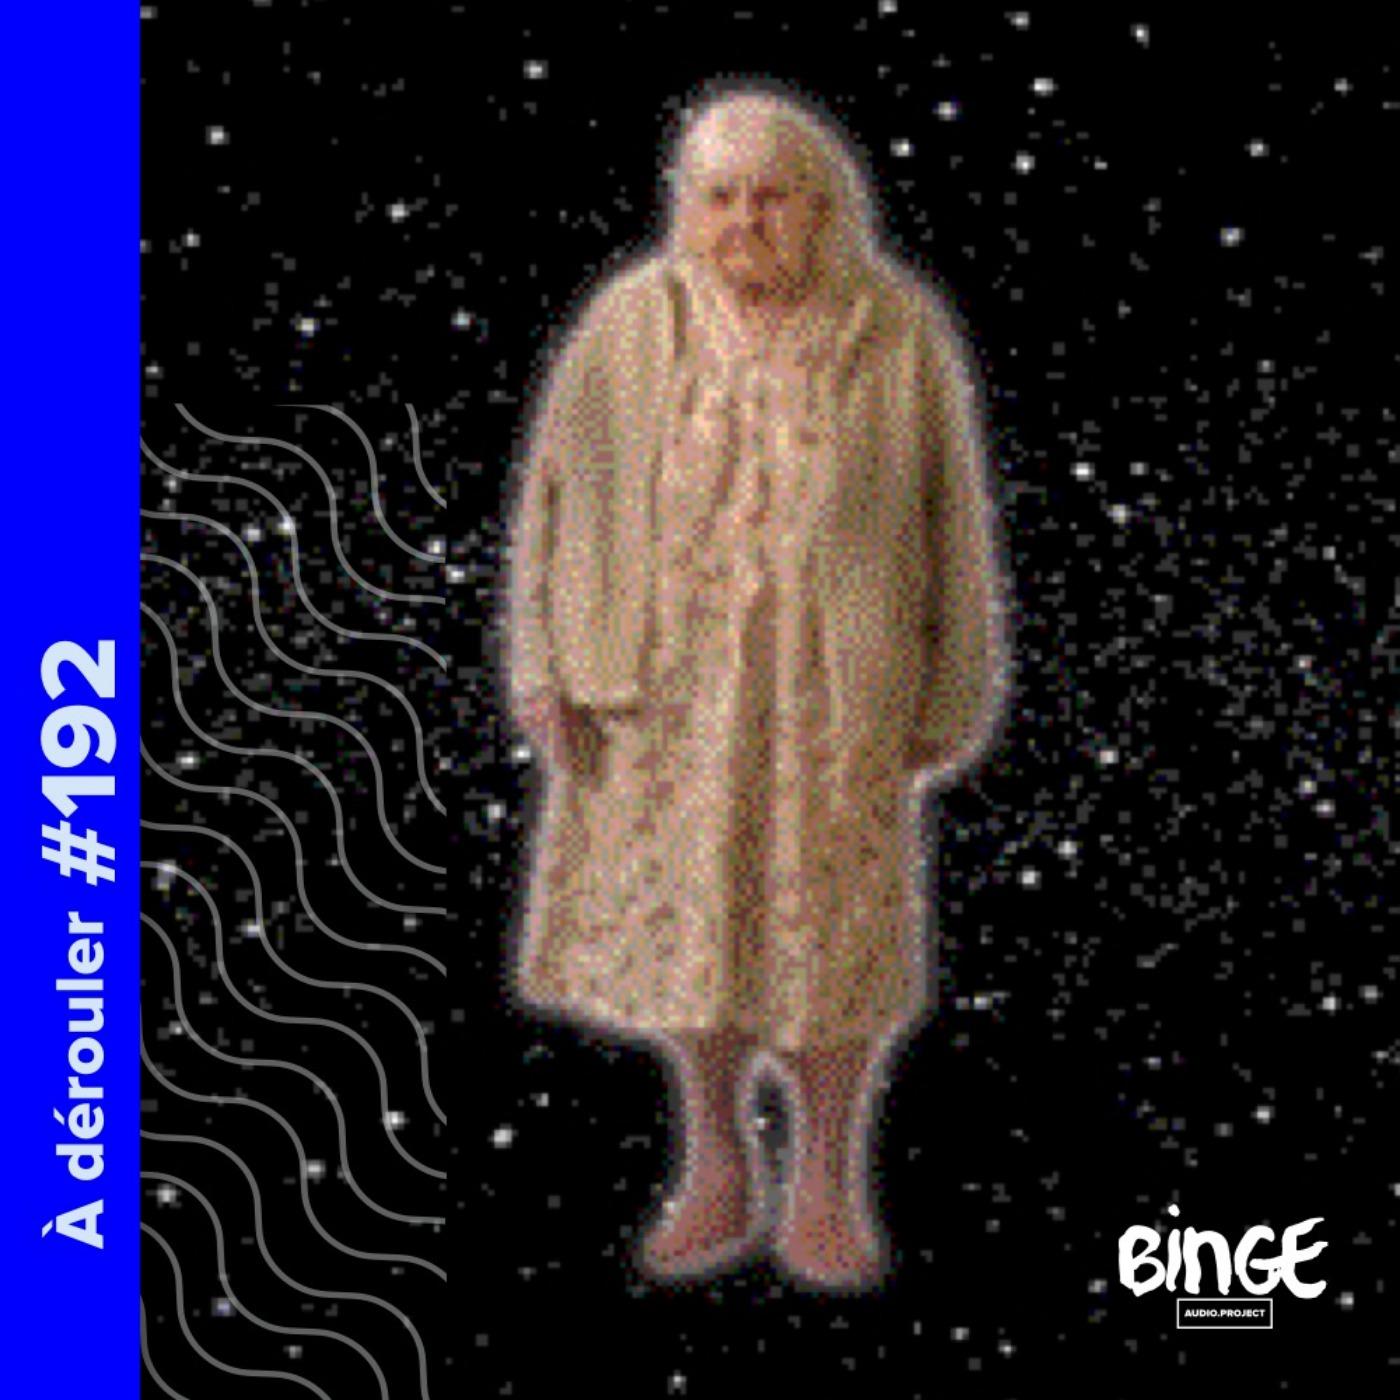 192 - Denise